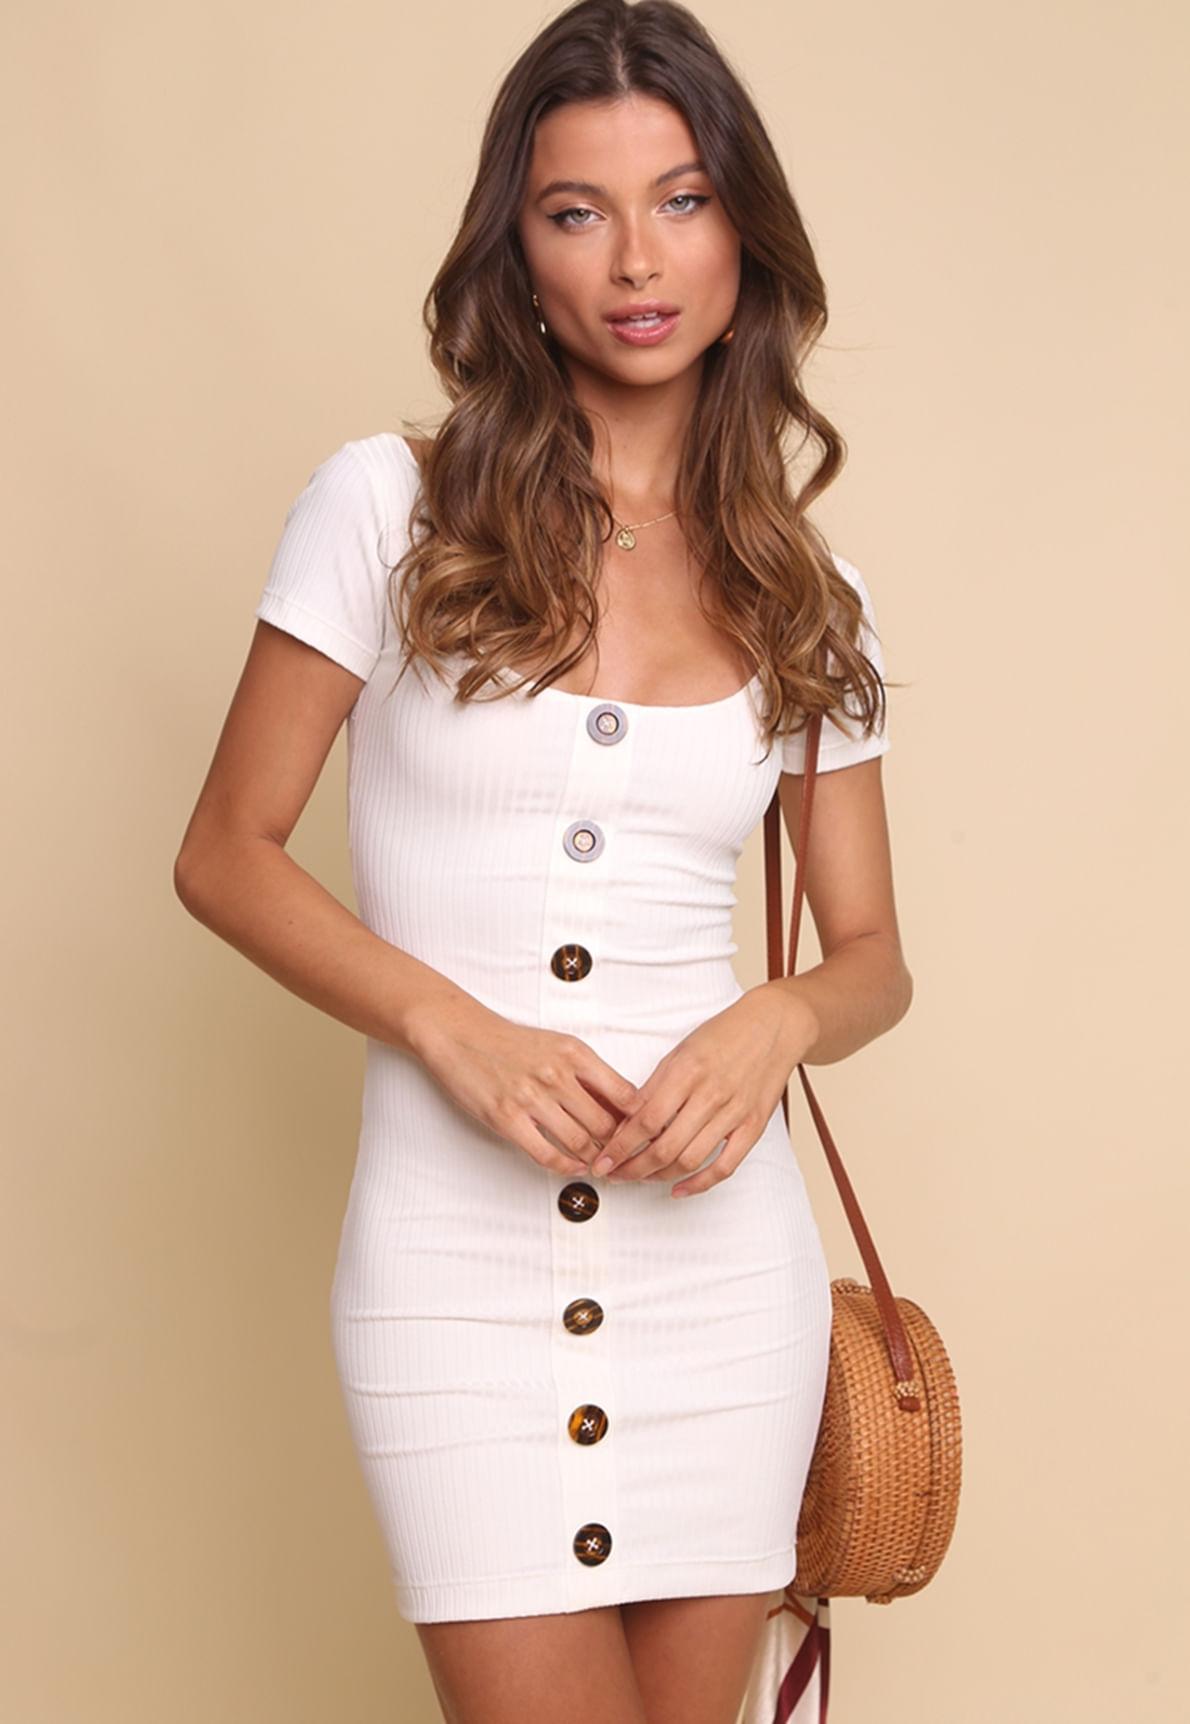 27418-vestido-off-white-debora-mundo-lolita-01